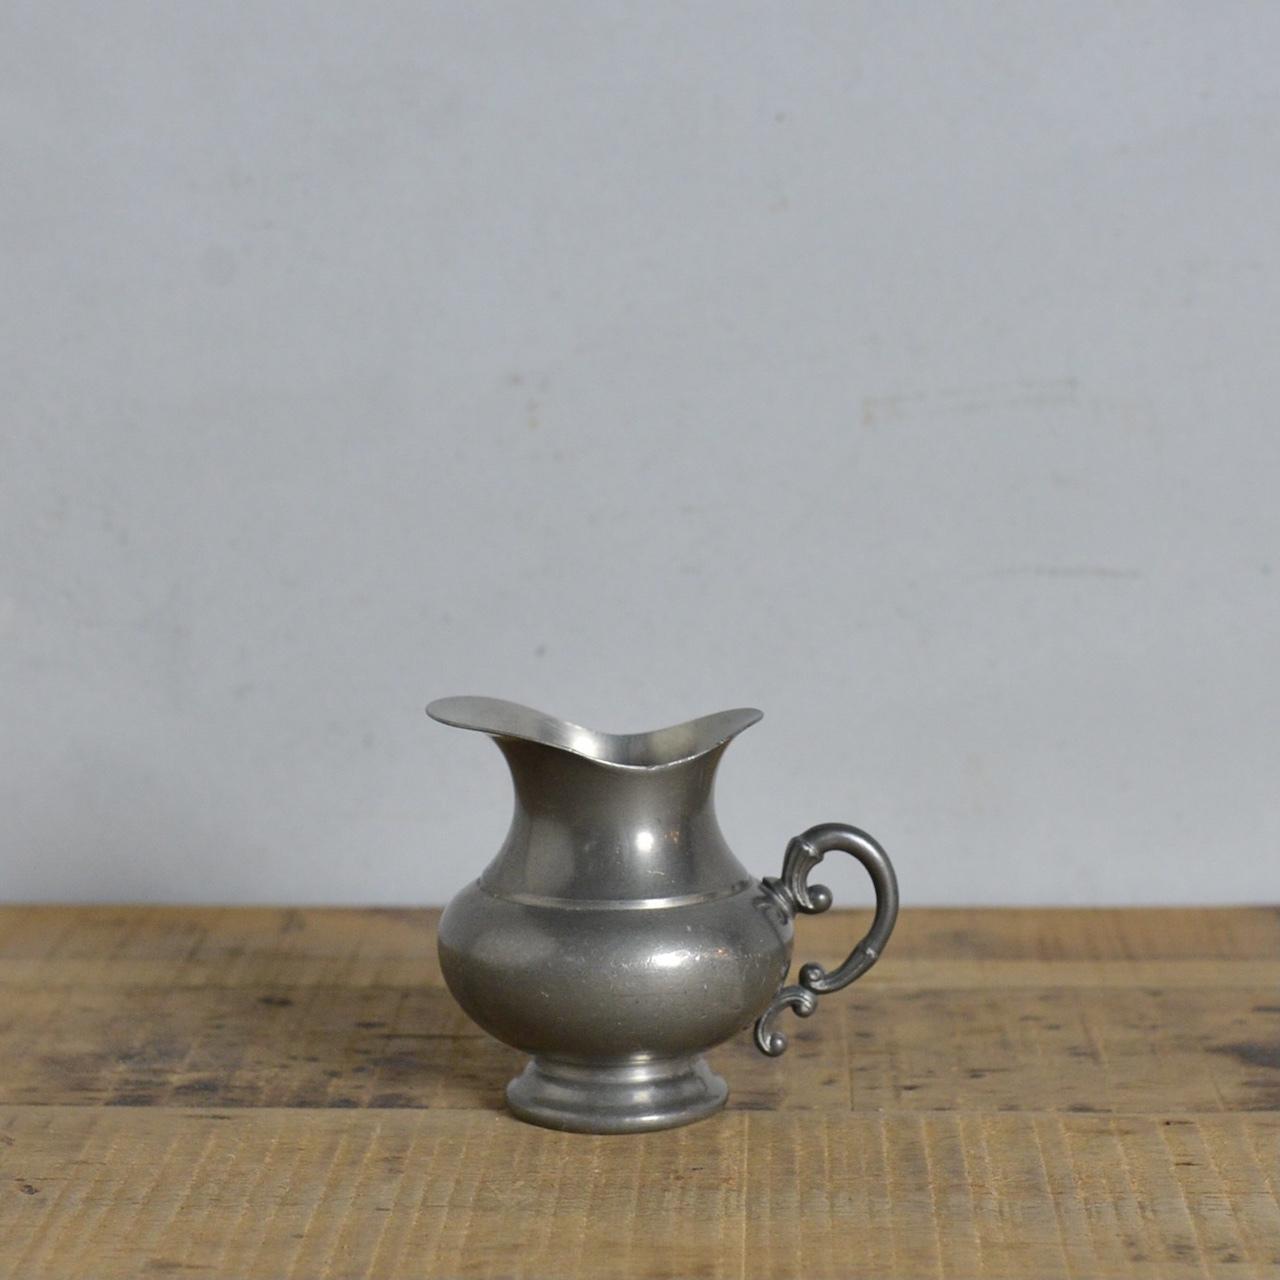 Pewter Milk Pot  / ピューター ミルクポット〈クリーマー・フラワーベース・一輪挿し・ペン立て〉 112131